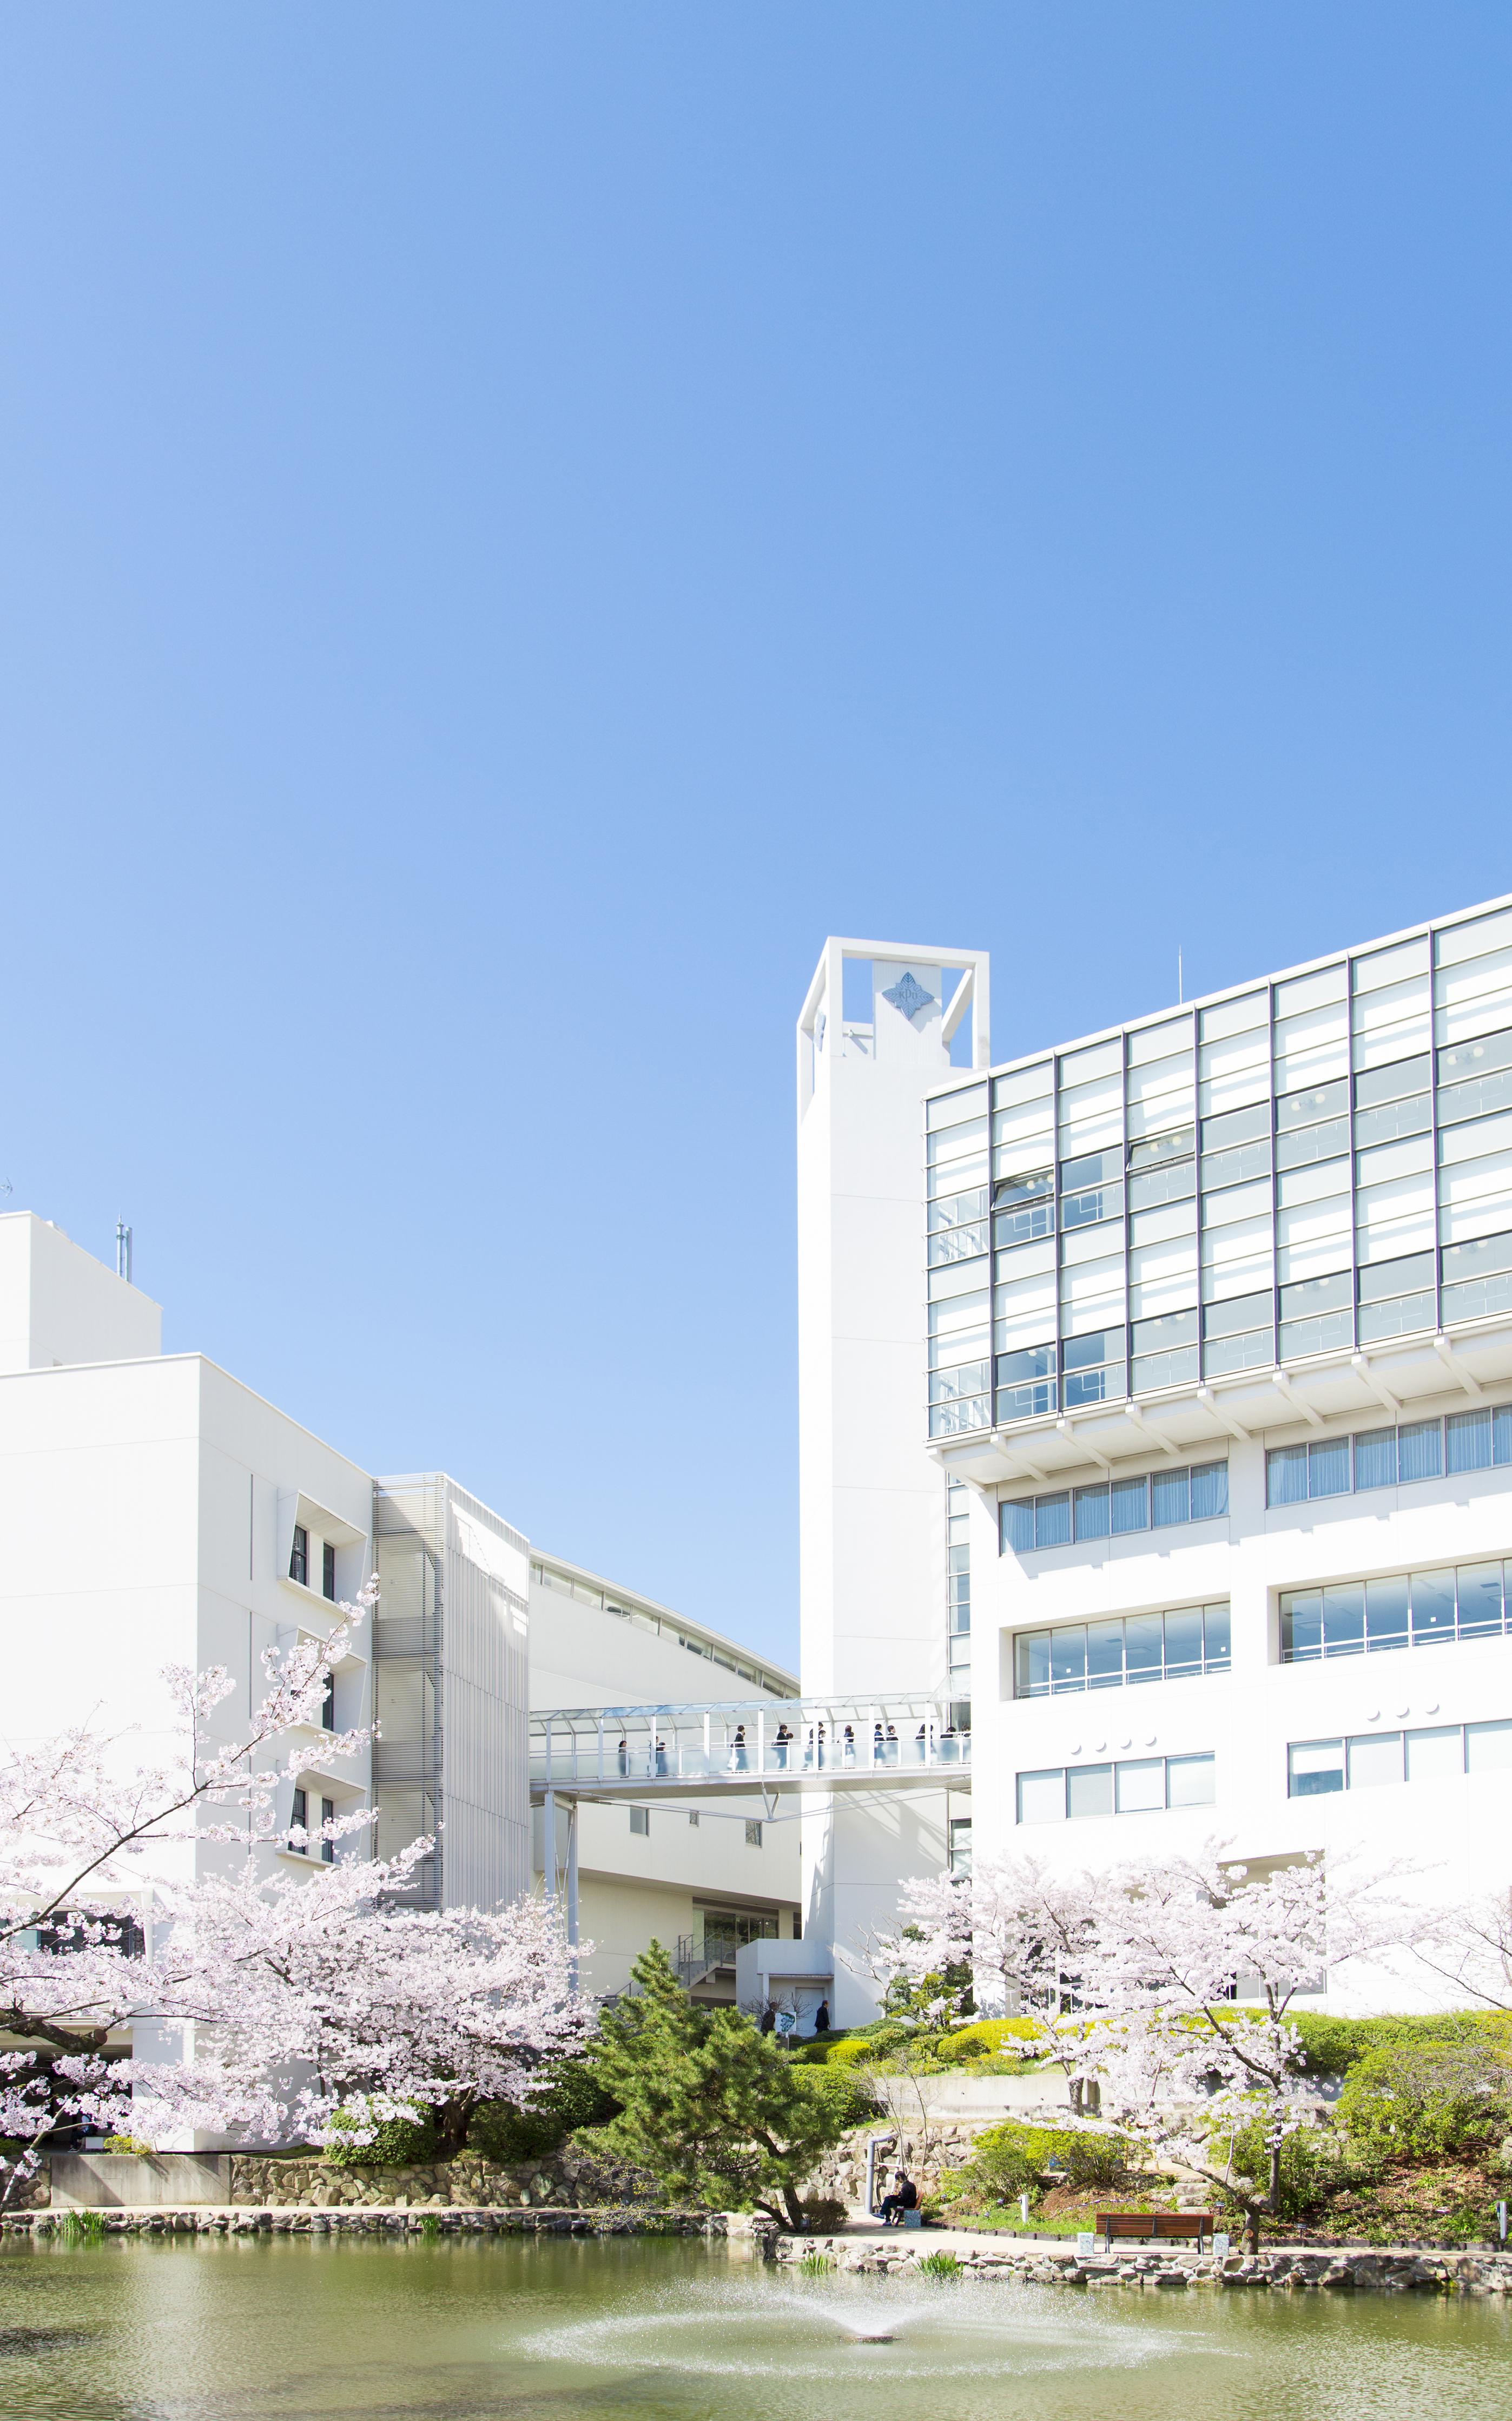 2月22日(水)から一般入学試験(後期)の出願受付を開始します。